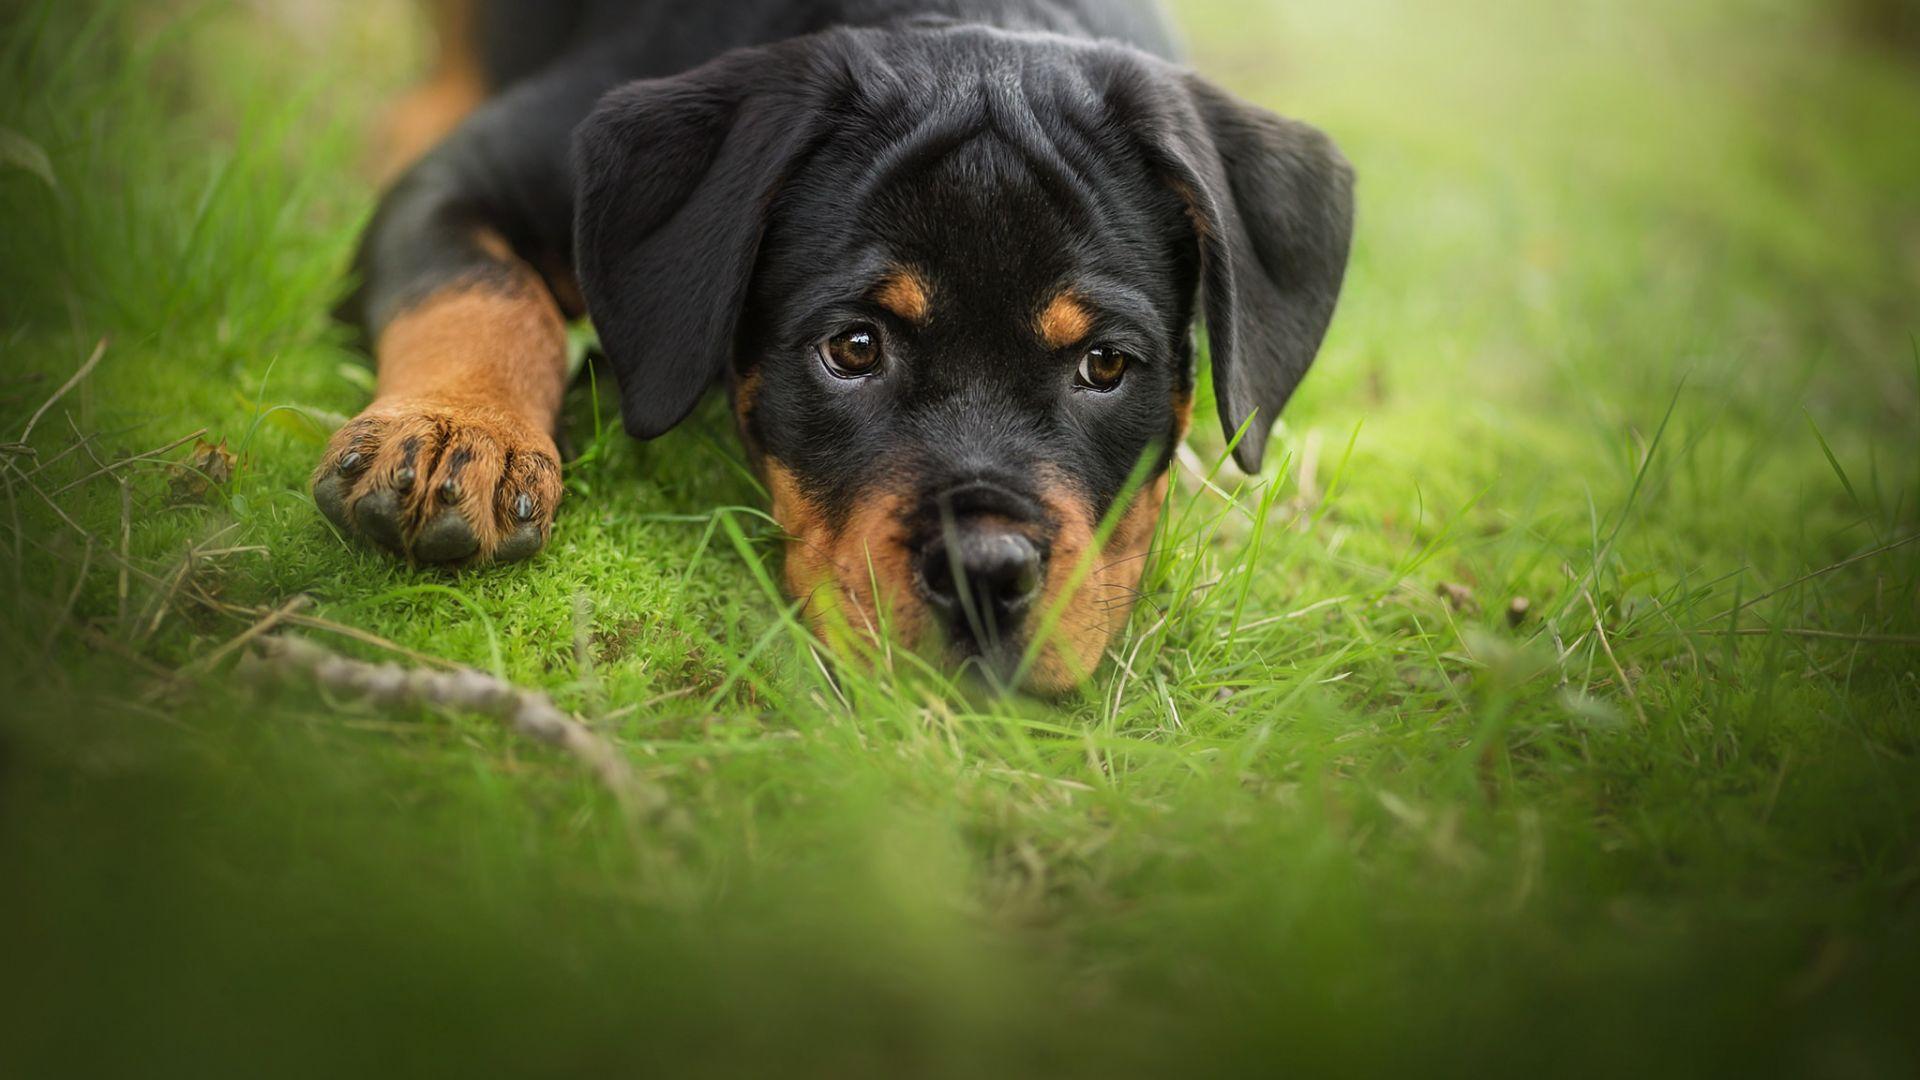 Relaxed Dog Puppy Rottweiler Wallpaper